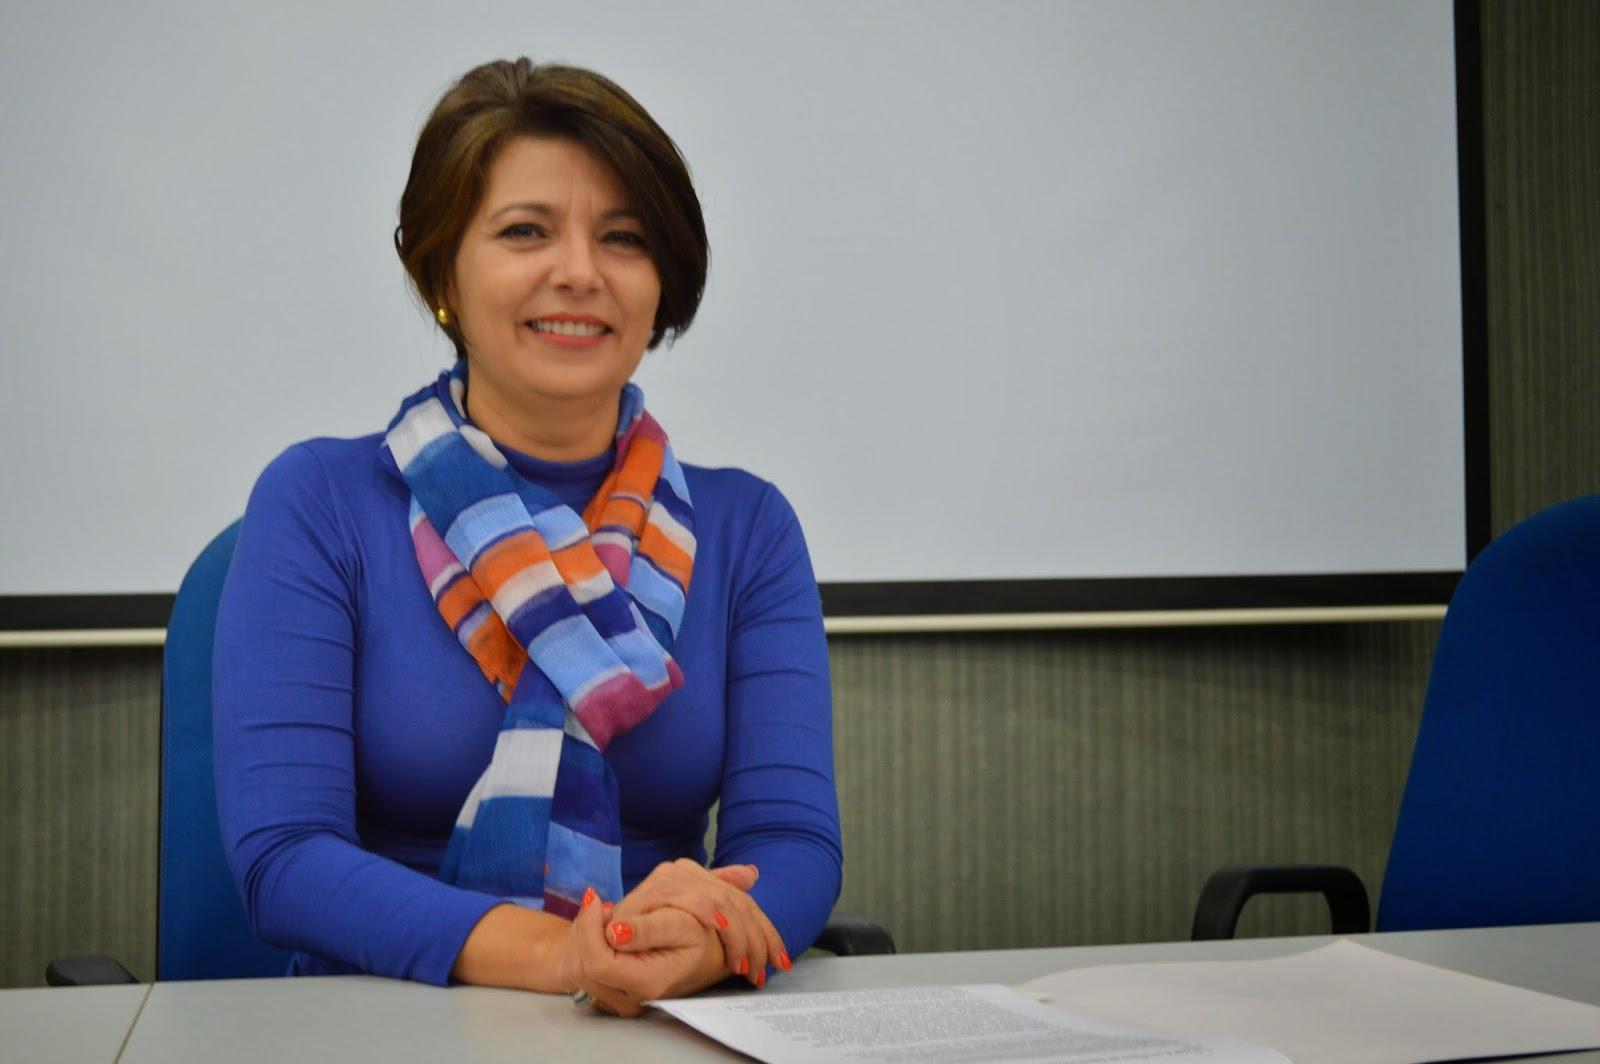 Adélia Pinheiro, reitora da UESC. Imagem: Jonildo Glória.